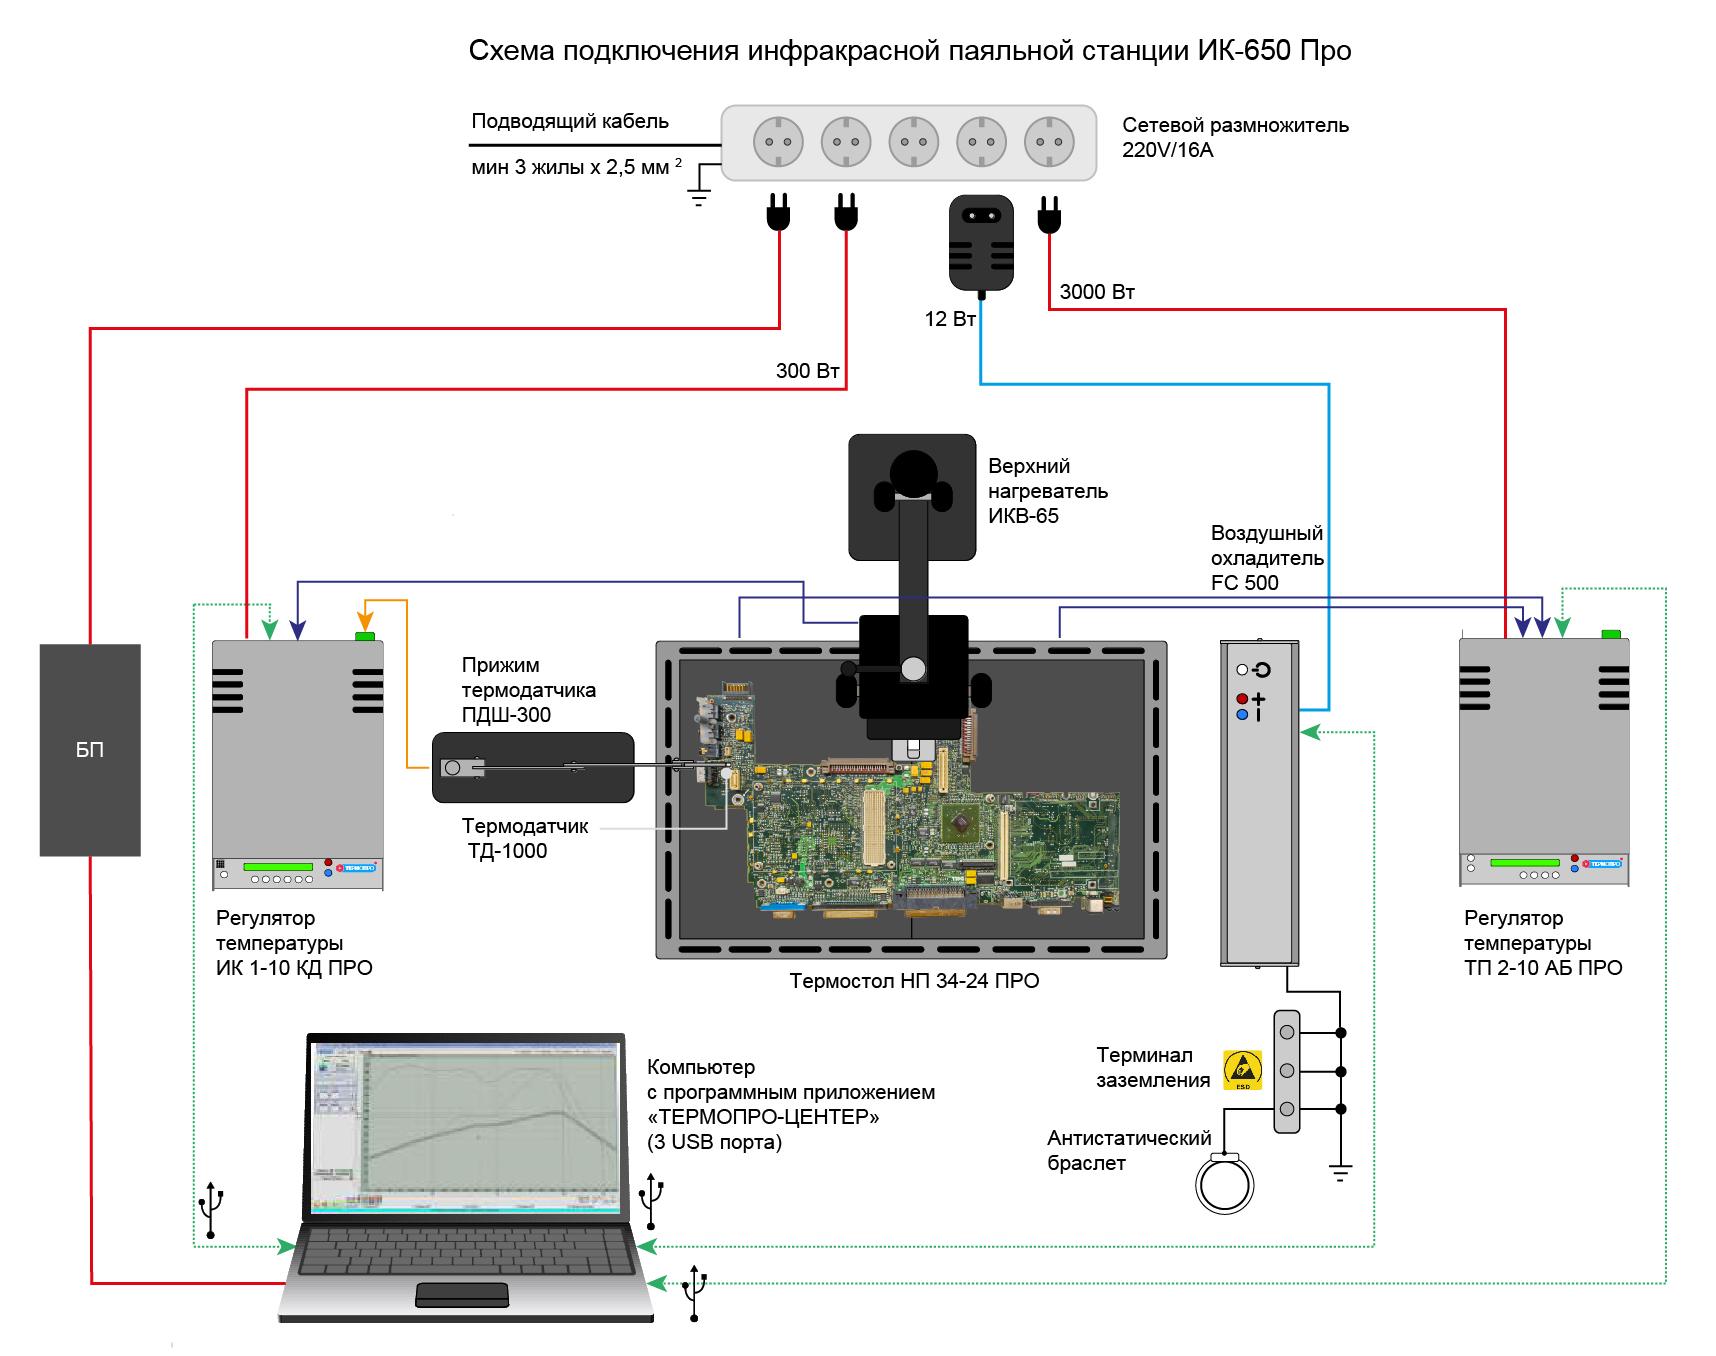 Сфинкс контроллер схема подключения